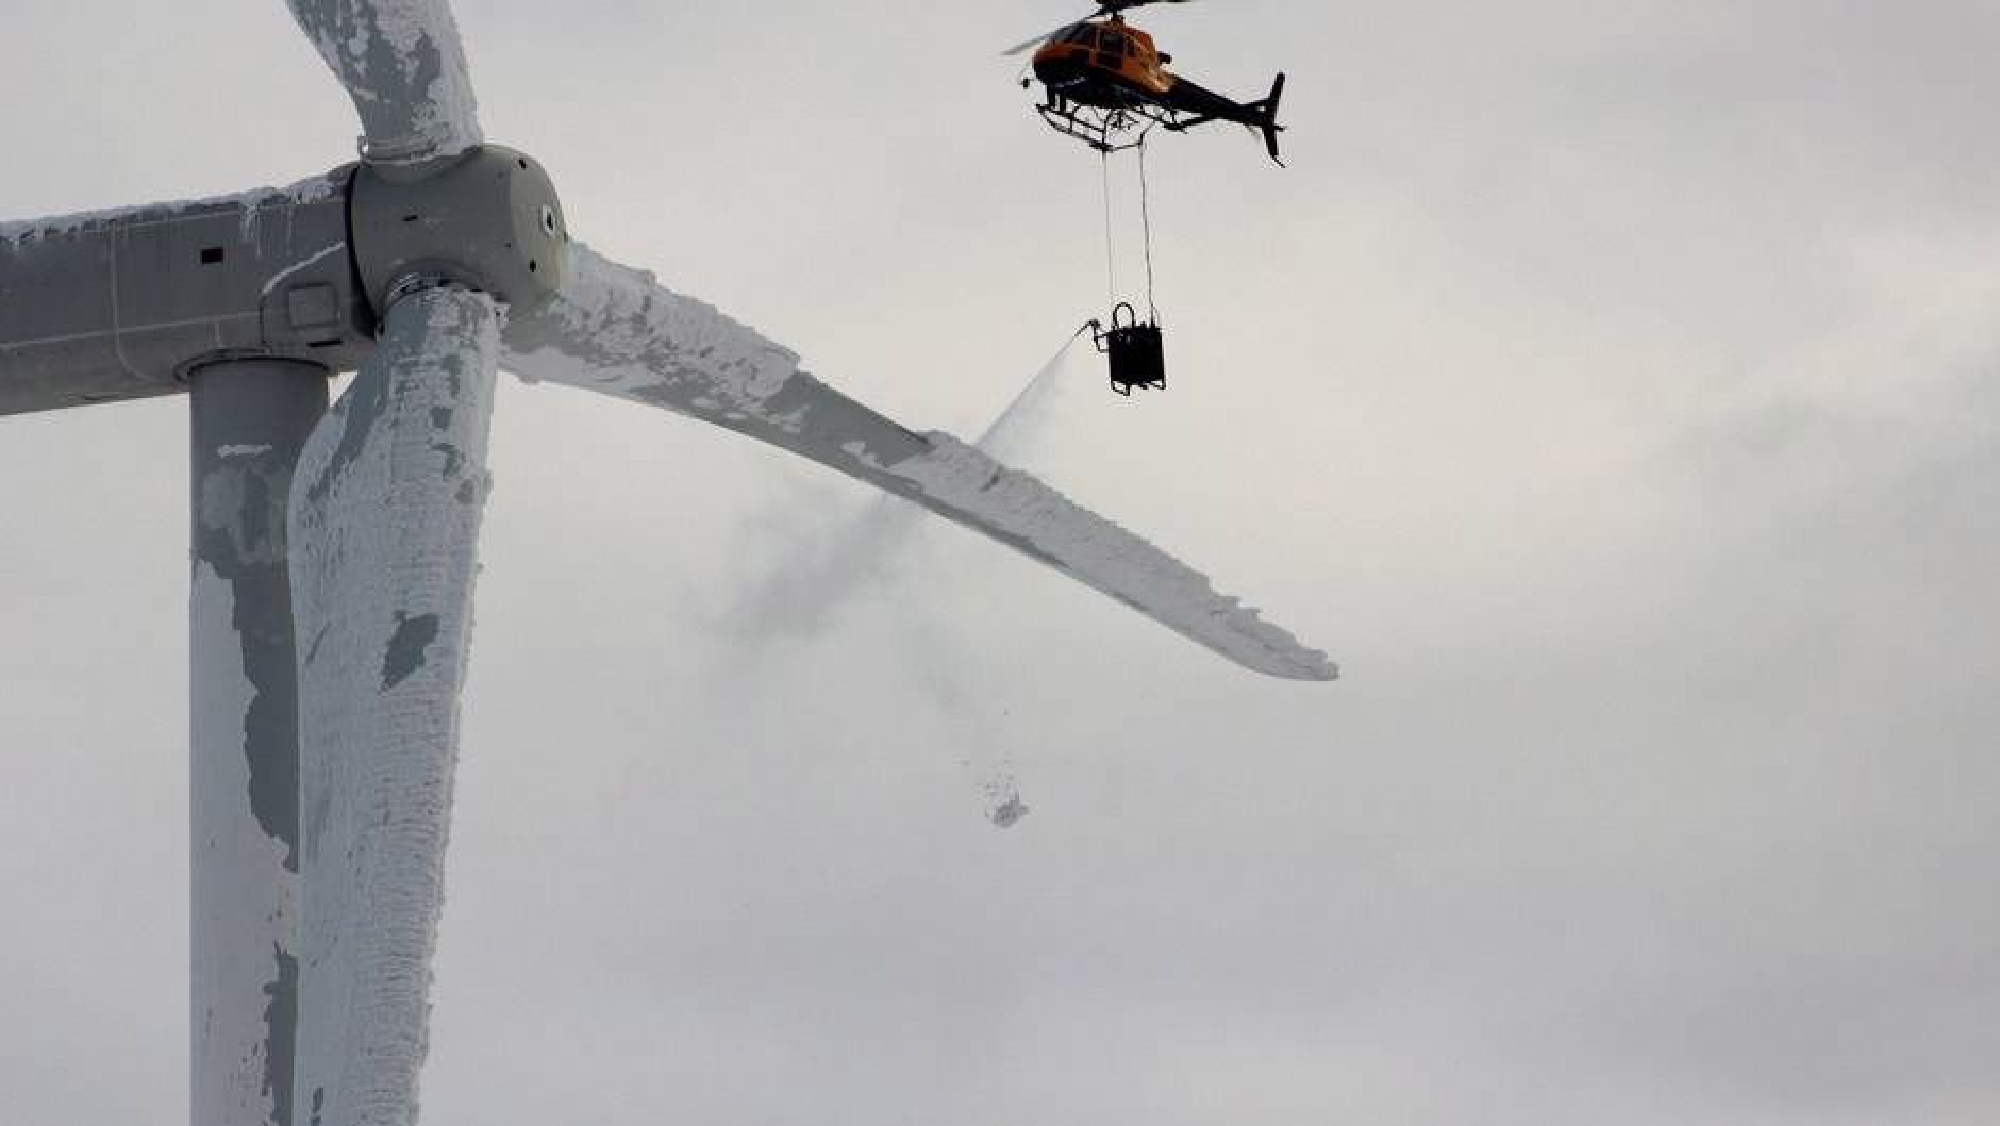 Det svenske helikopterselskapet går praktisk til verks for å av-ise vindmøller uten av-isingsutstyr.